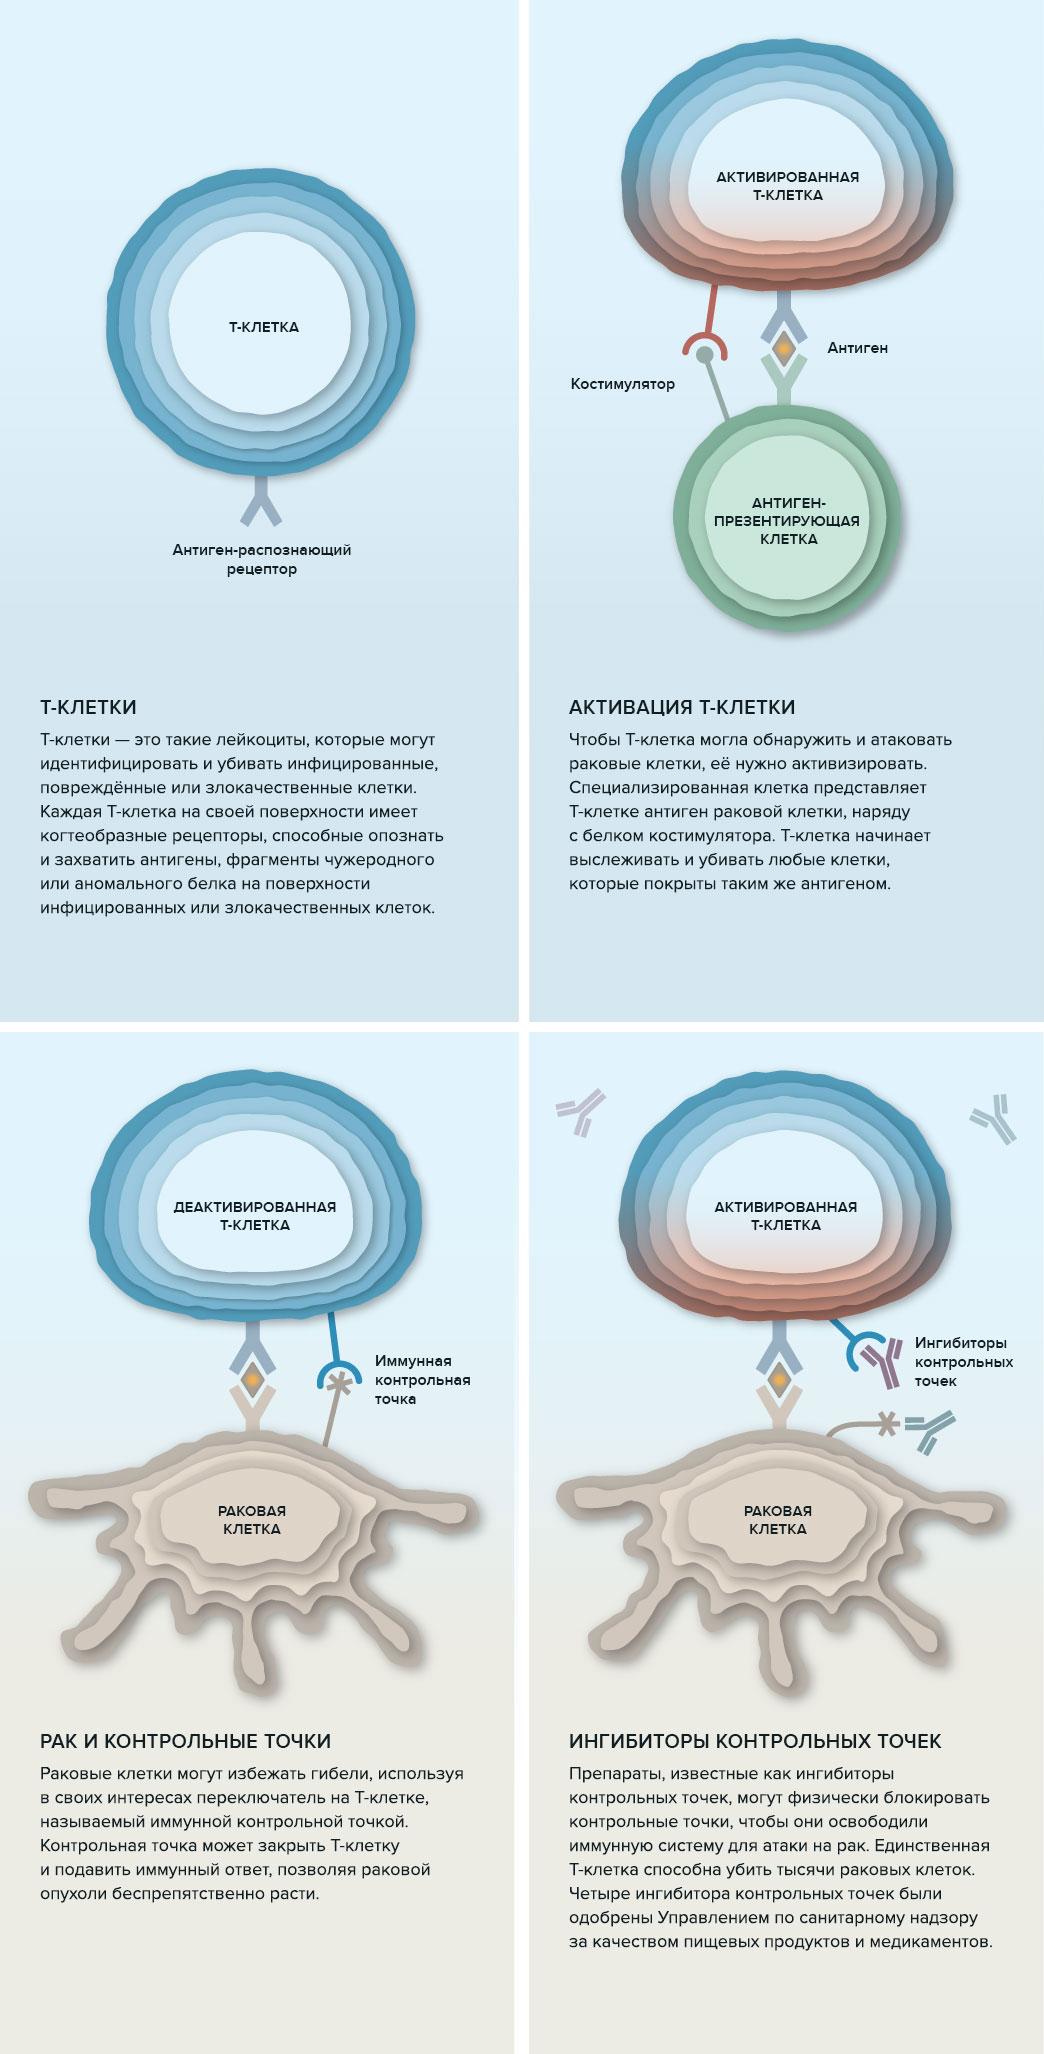 Почему иммунная система, активированная для лечения рака, может атаковать здоровые клетки